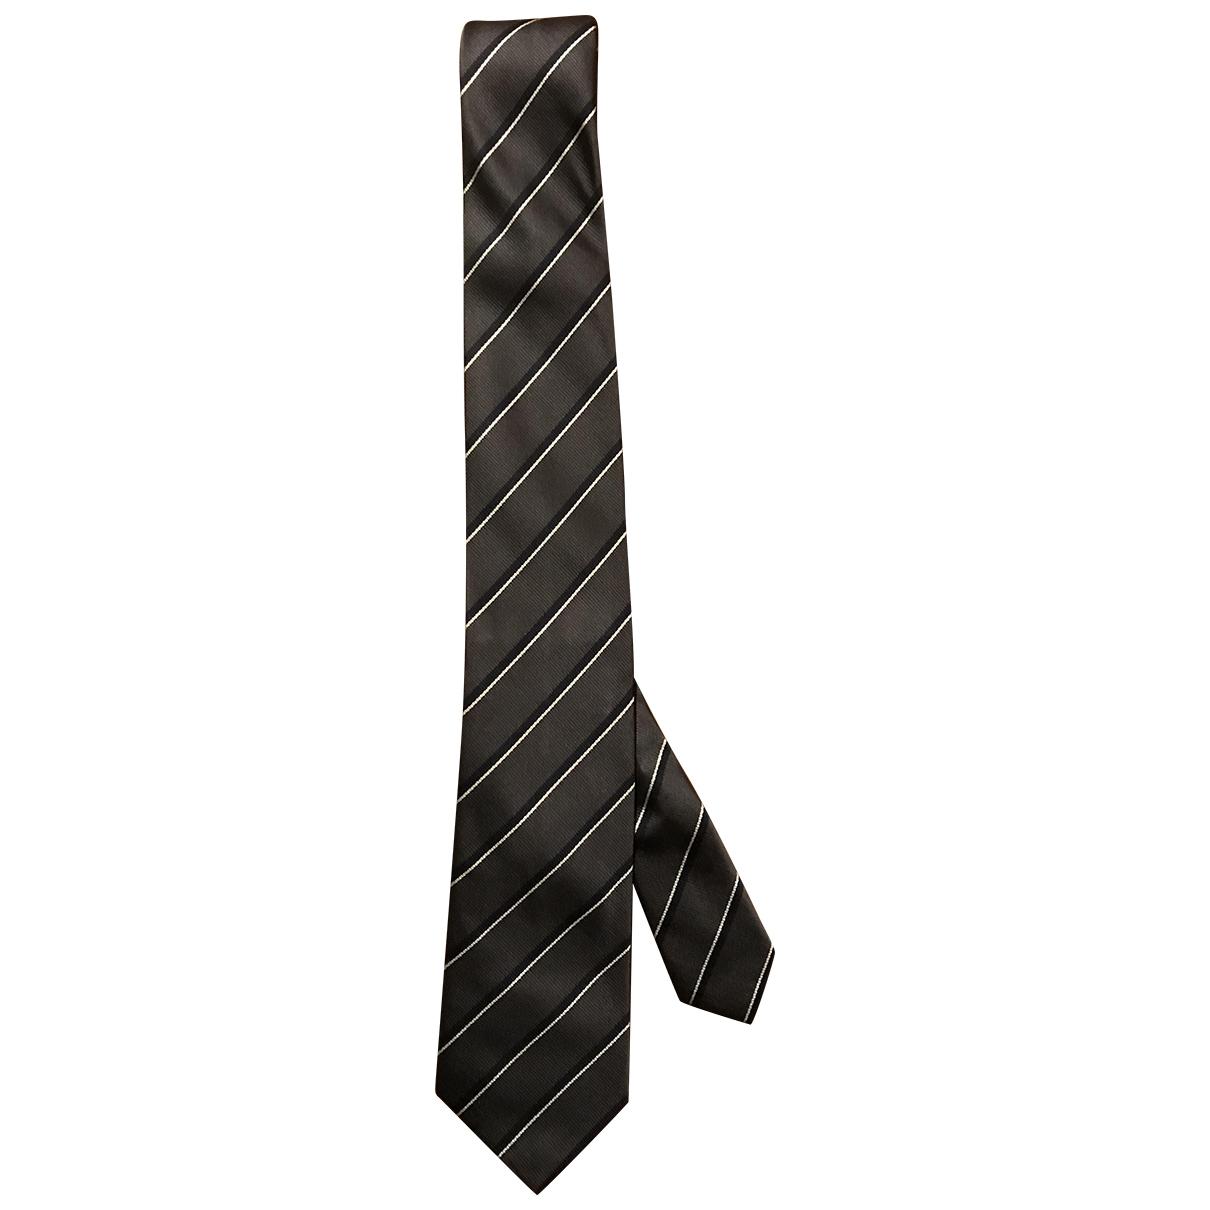 Prada \N Krawatten in  Grau Seide